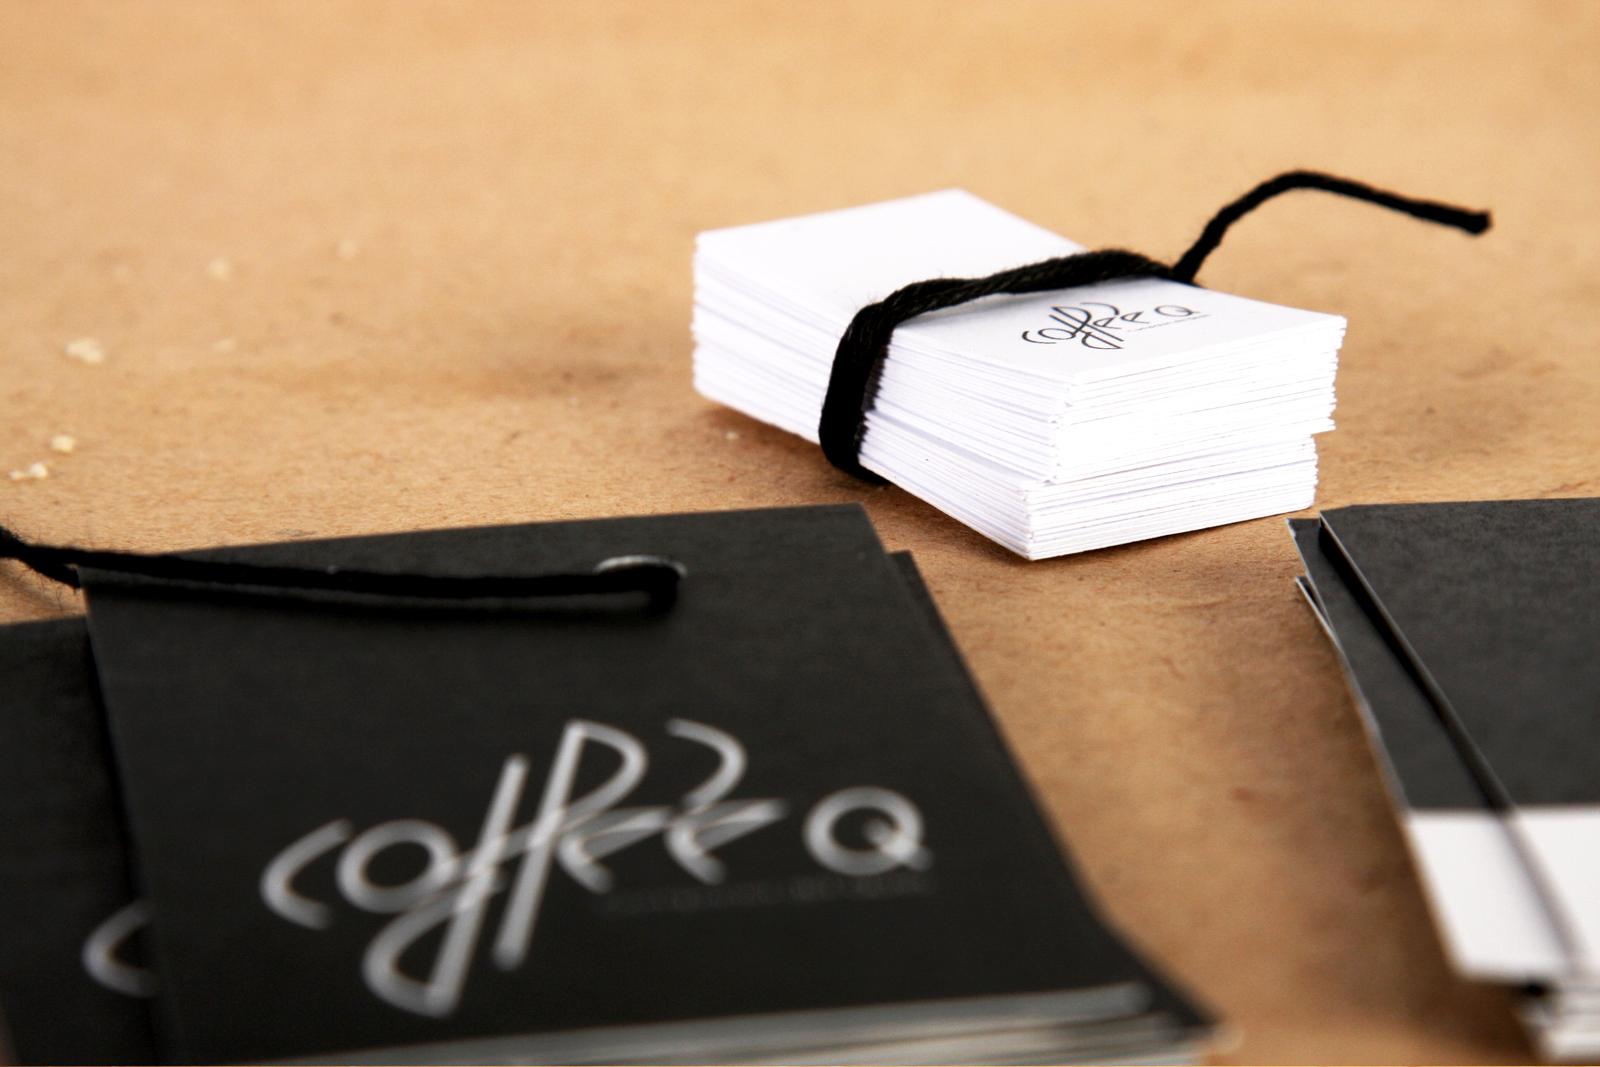 CaffeeQ